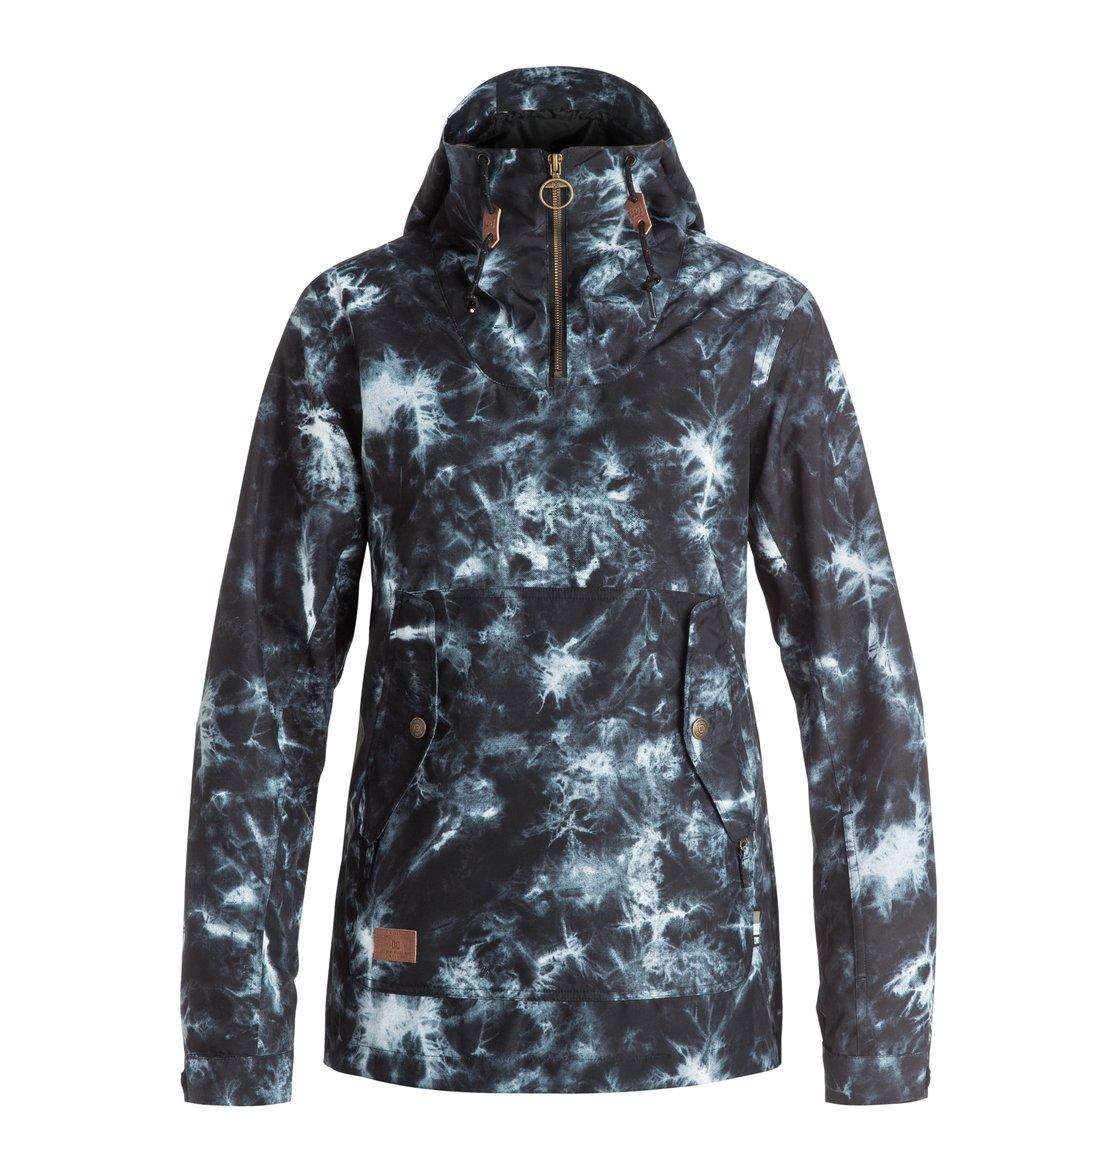 Сноубордическая куртка-пуловер Skyline